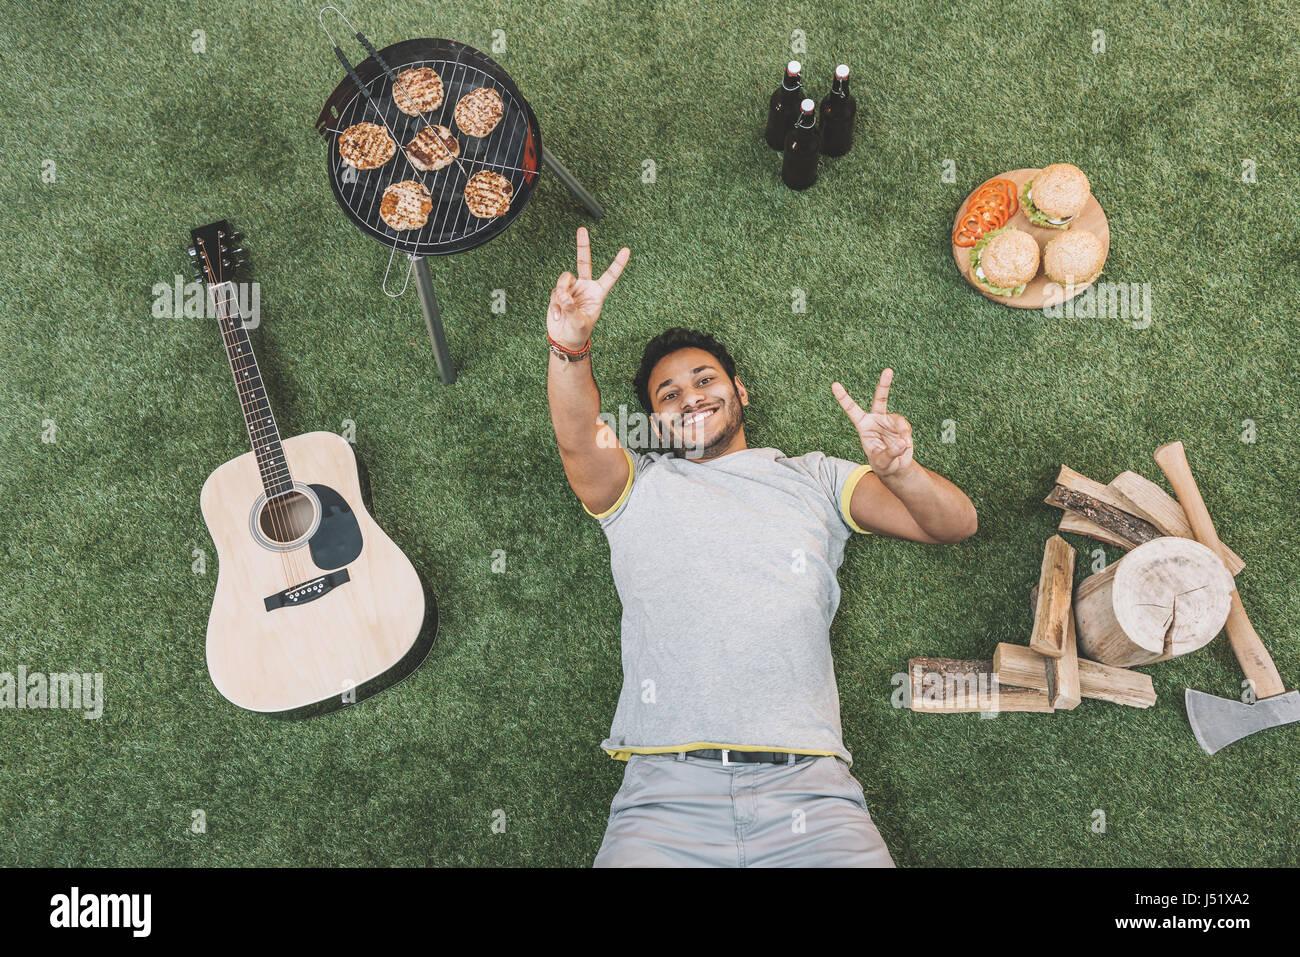 Draufsicht der glückliche junge Mann ruht auf dem Rasen mit Gitarre und Nahrung für Picknick Stockbild